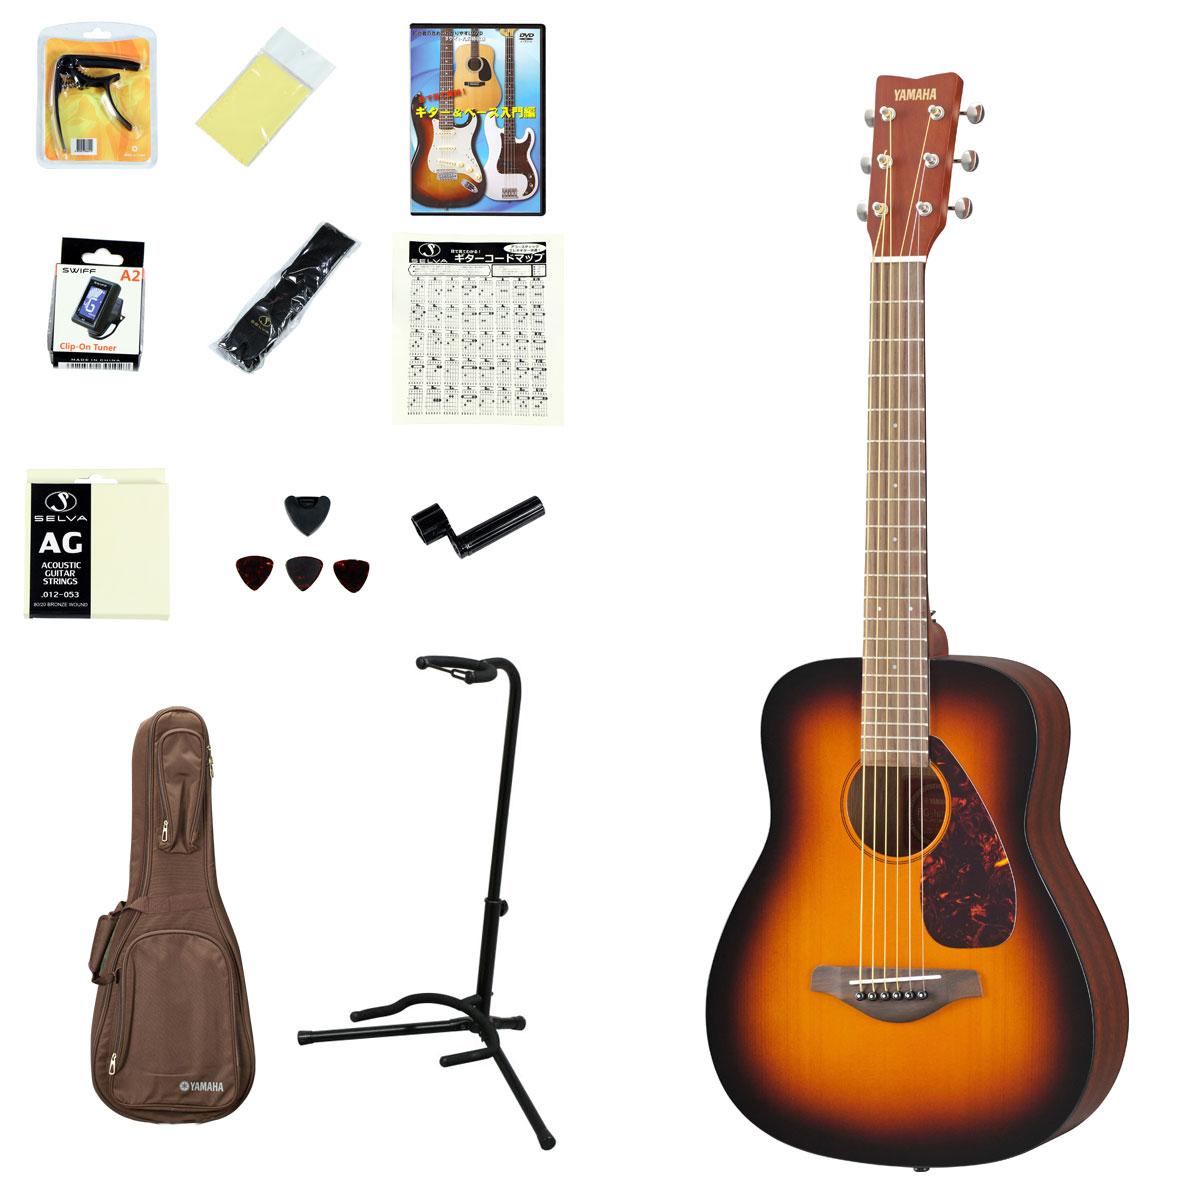 YAMAHA / JR2 TBS(タバコブラウンサンバースト) 【ミニギター14点入門セット!】 ヤマハ アコースティックギター アコギ JR-2【YRK】